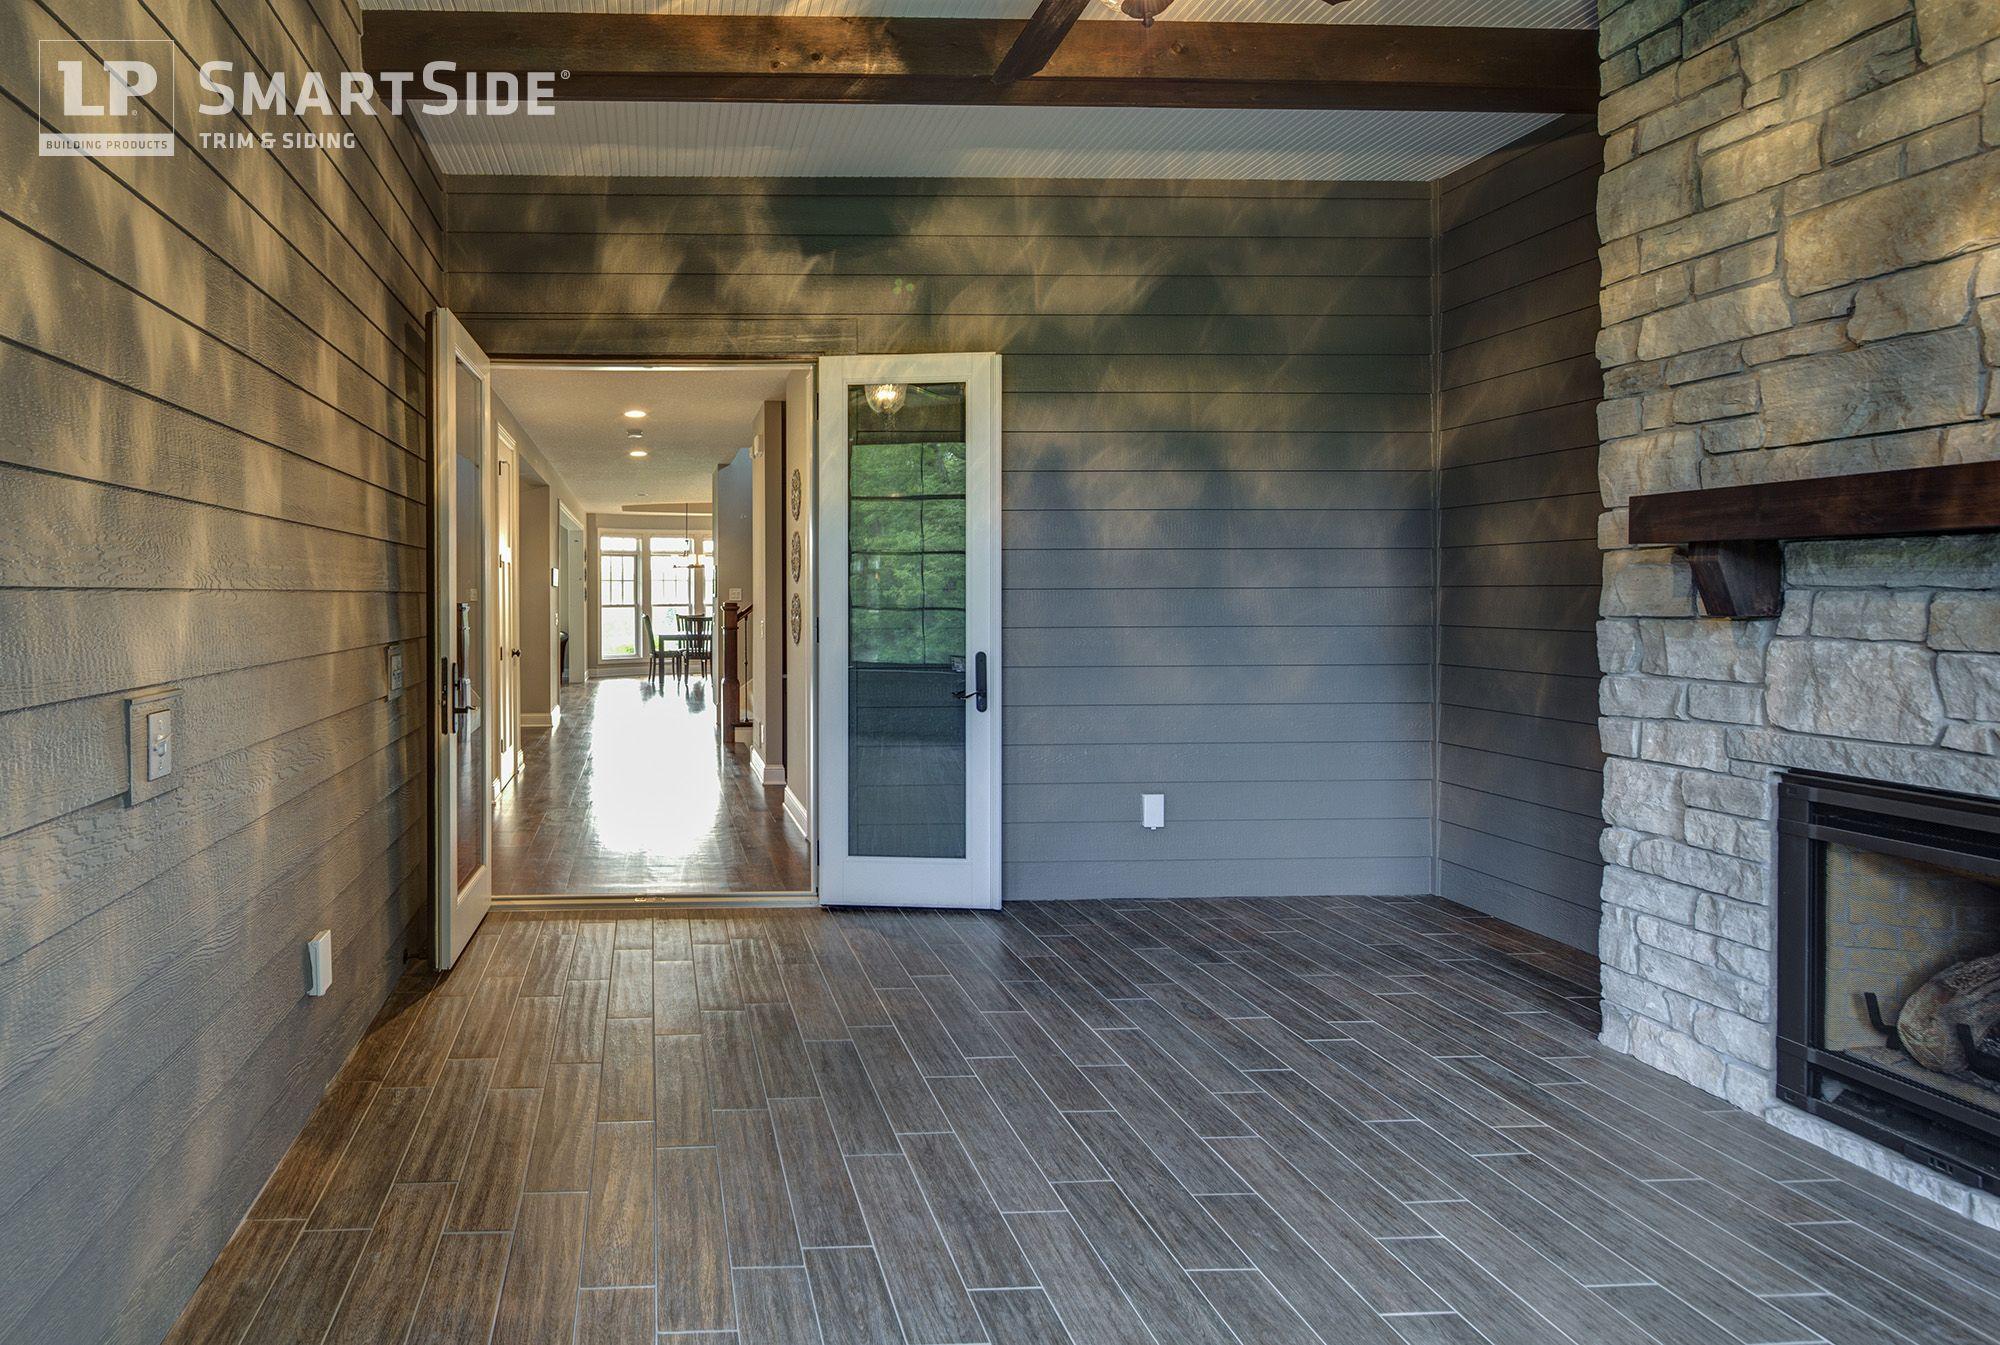 Creative Design Using Lp Smartside Exterior Siding Inside The Home